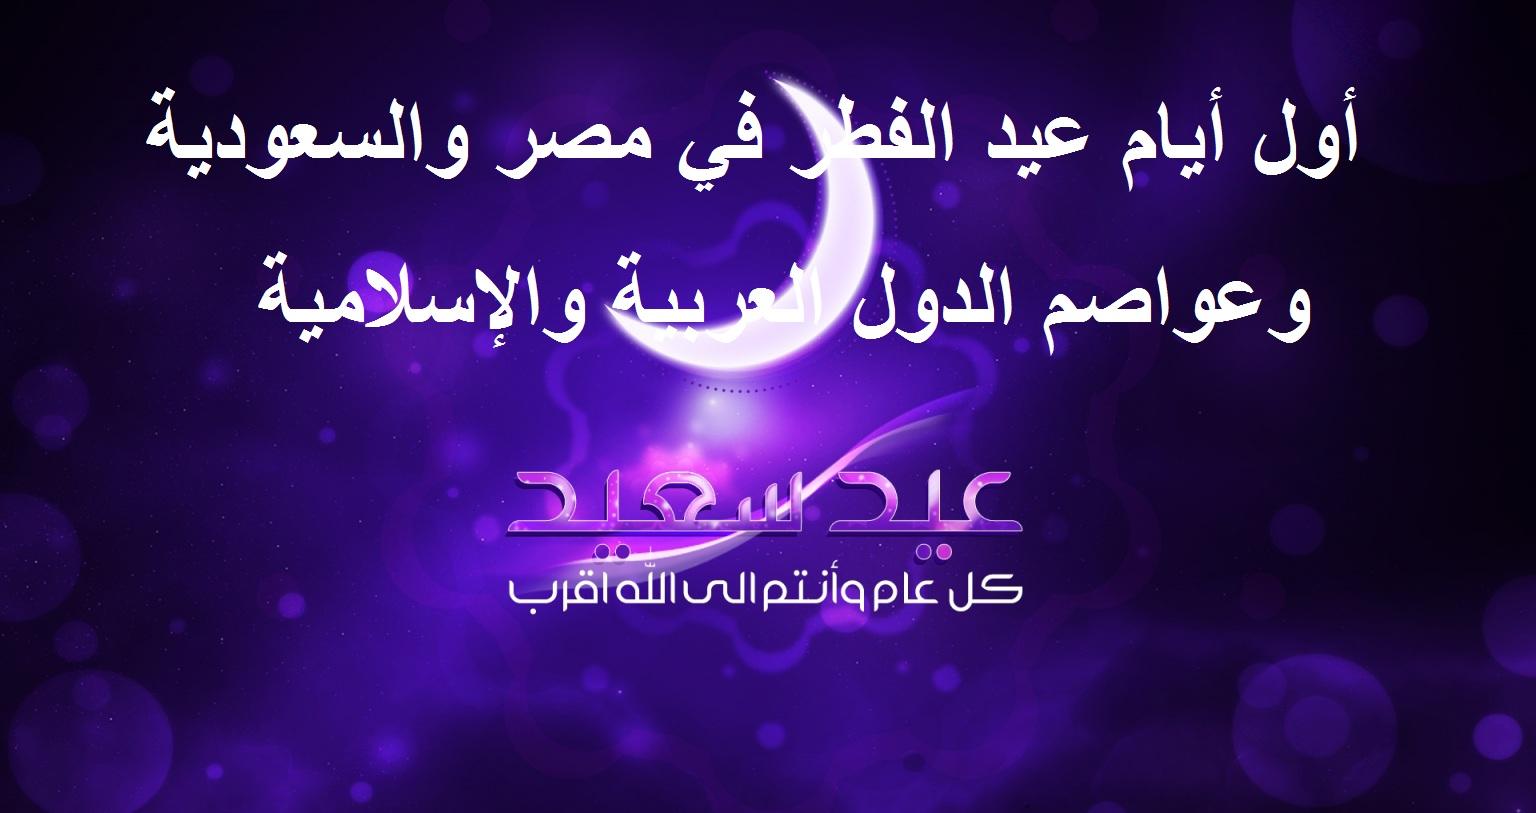 بيان جديد من البحوث الفلكية حول أول أيام عيد الفطر 2021 وغرة شهر شوال بمصر والدول العربية